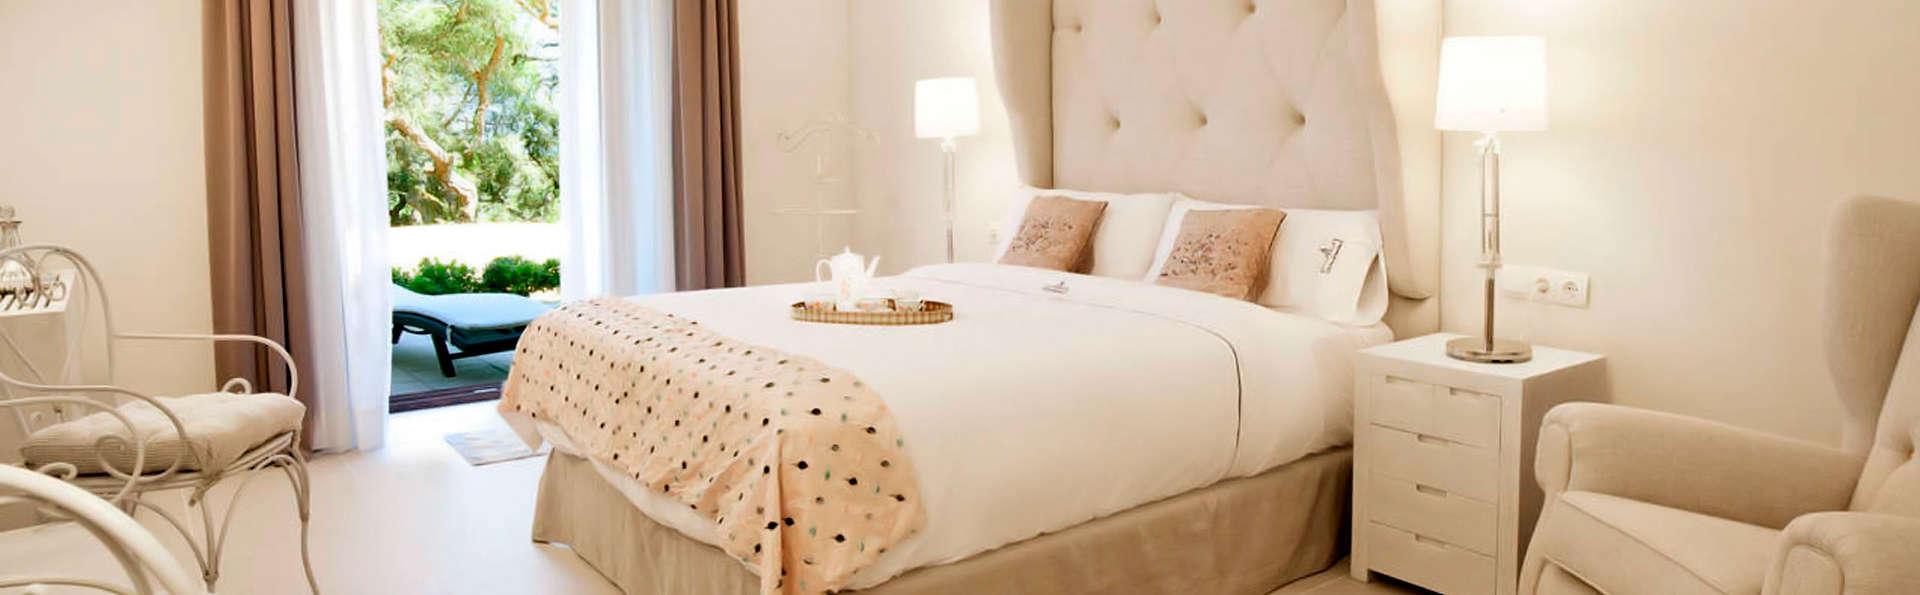 Sant Pere del Bosc hotel & spa - edi_catalina.jpg